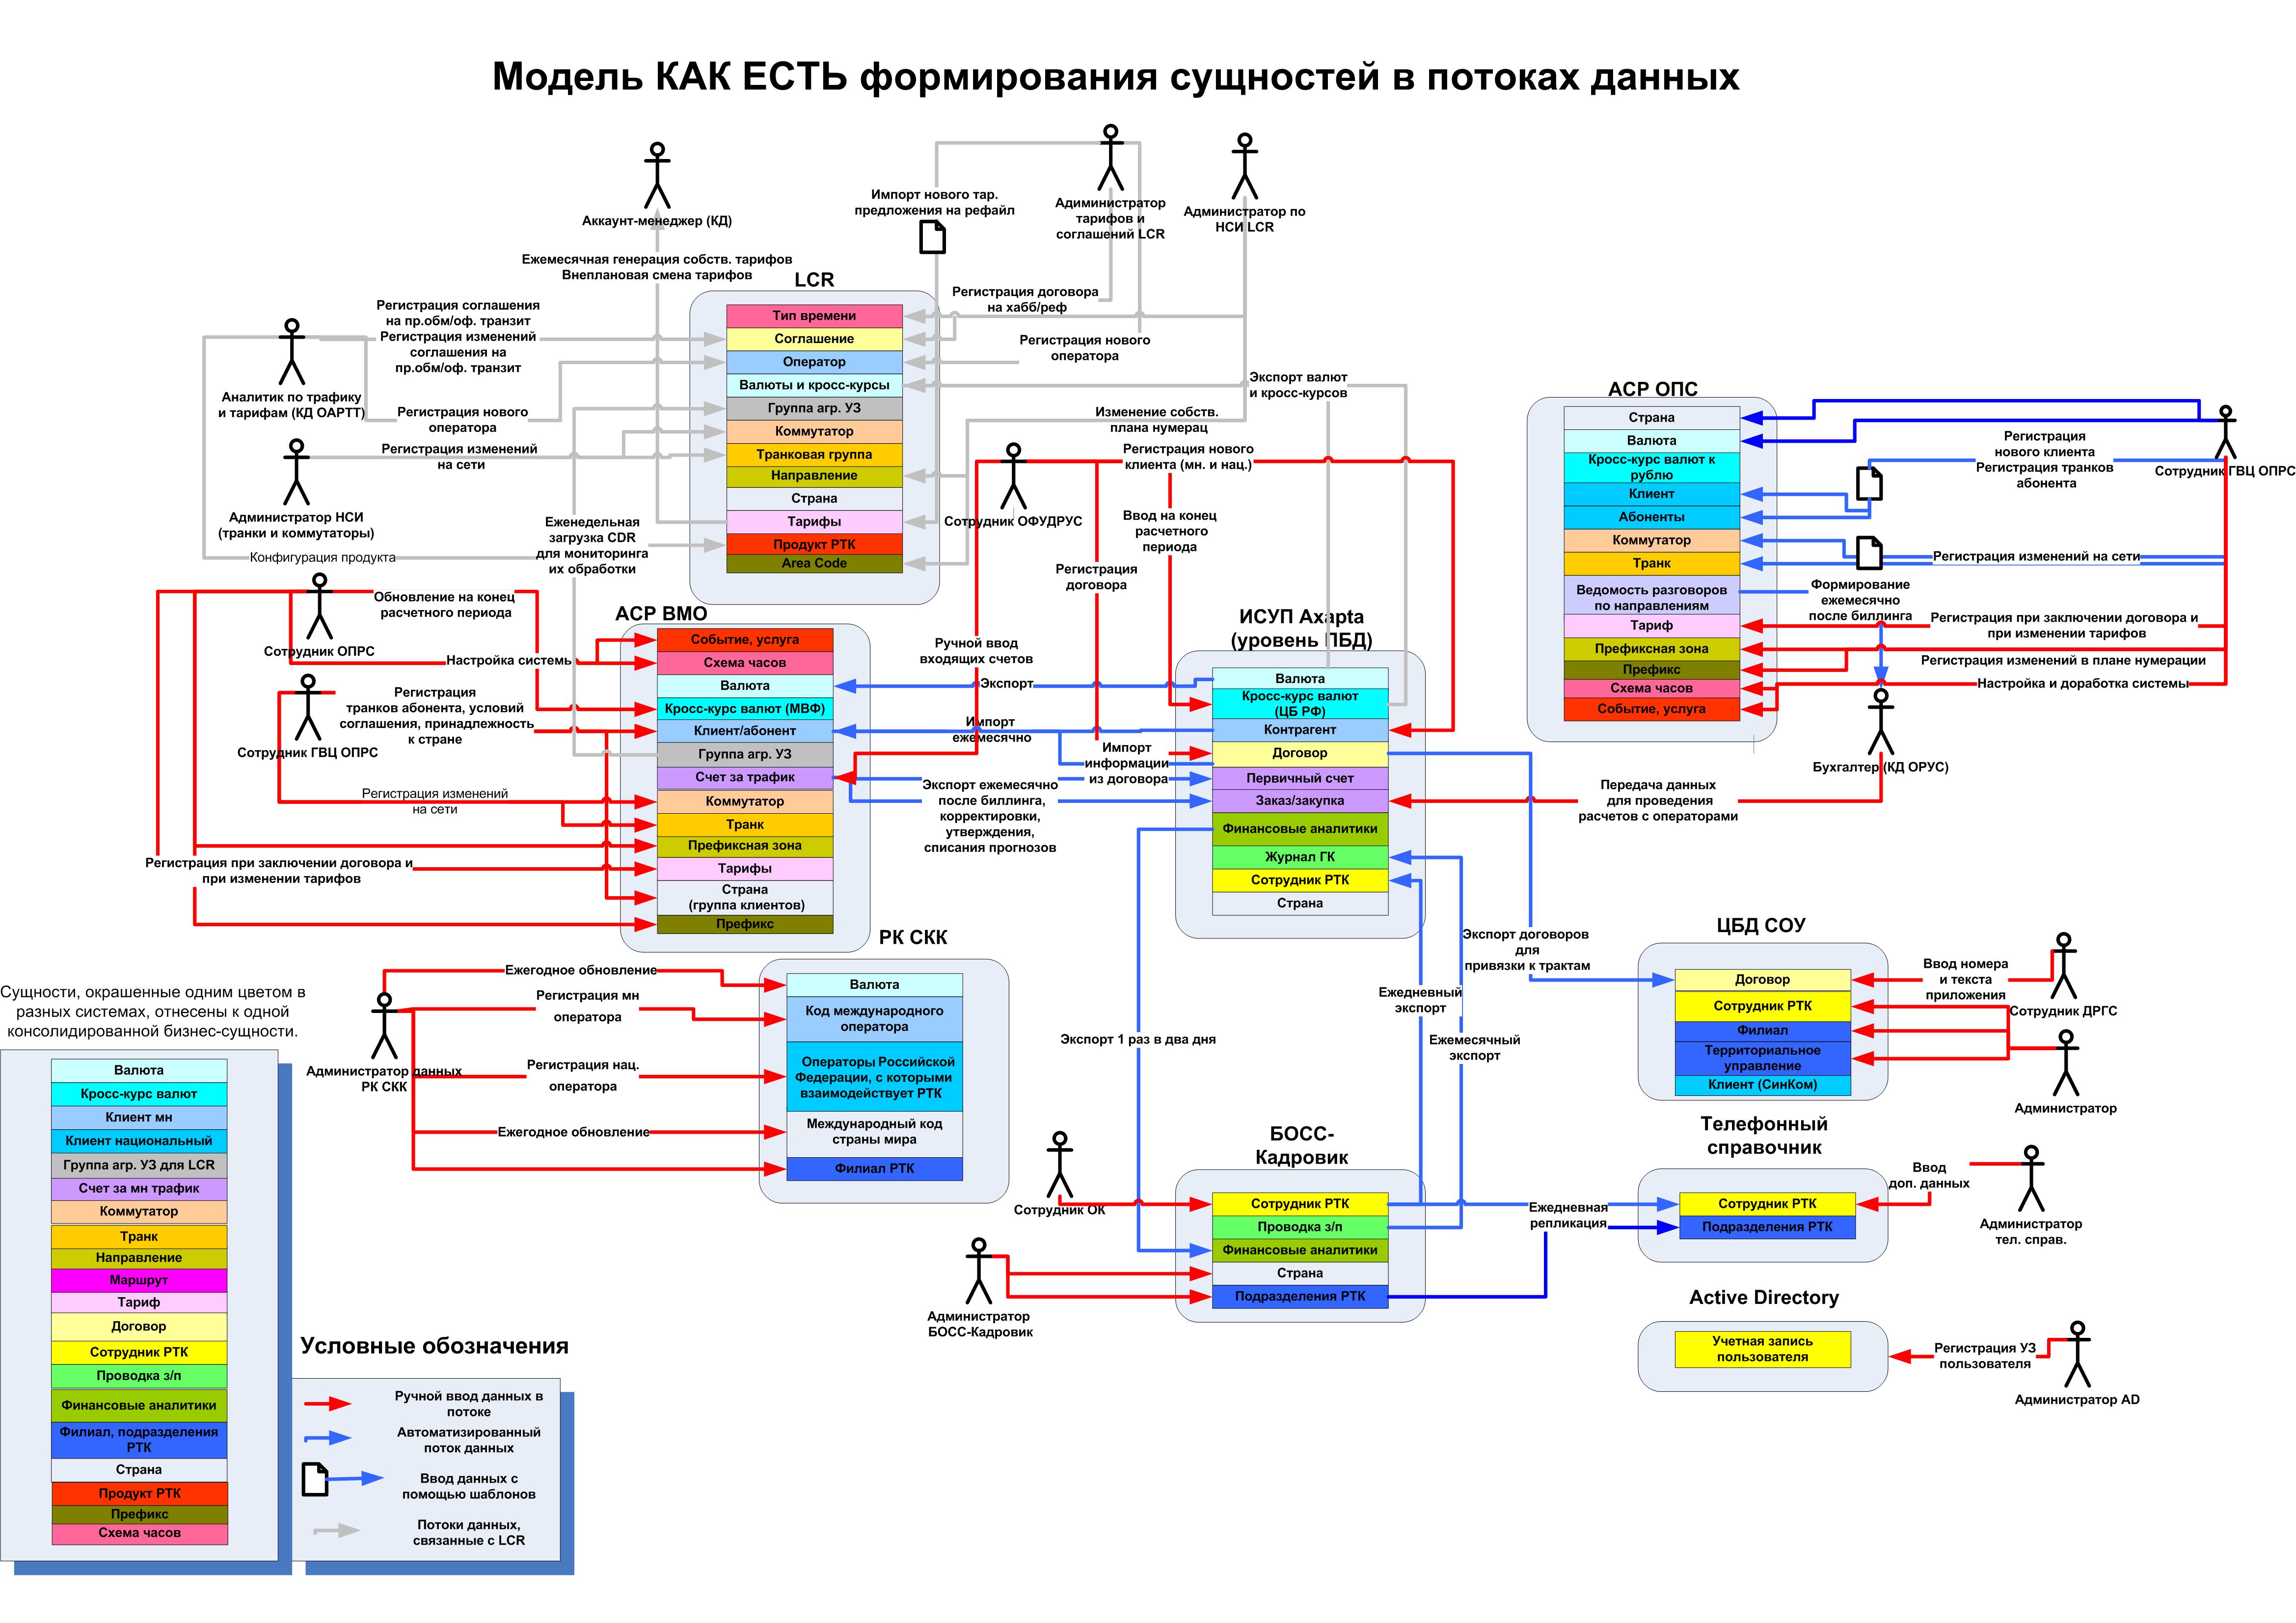 Рисунок 1. Пример схемы потоков данных телекоммуникационного оператора.